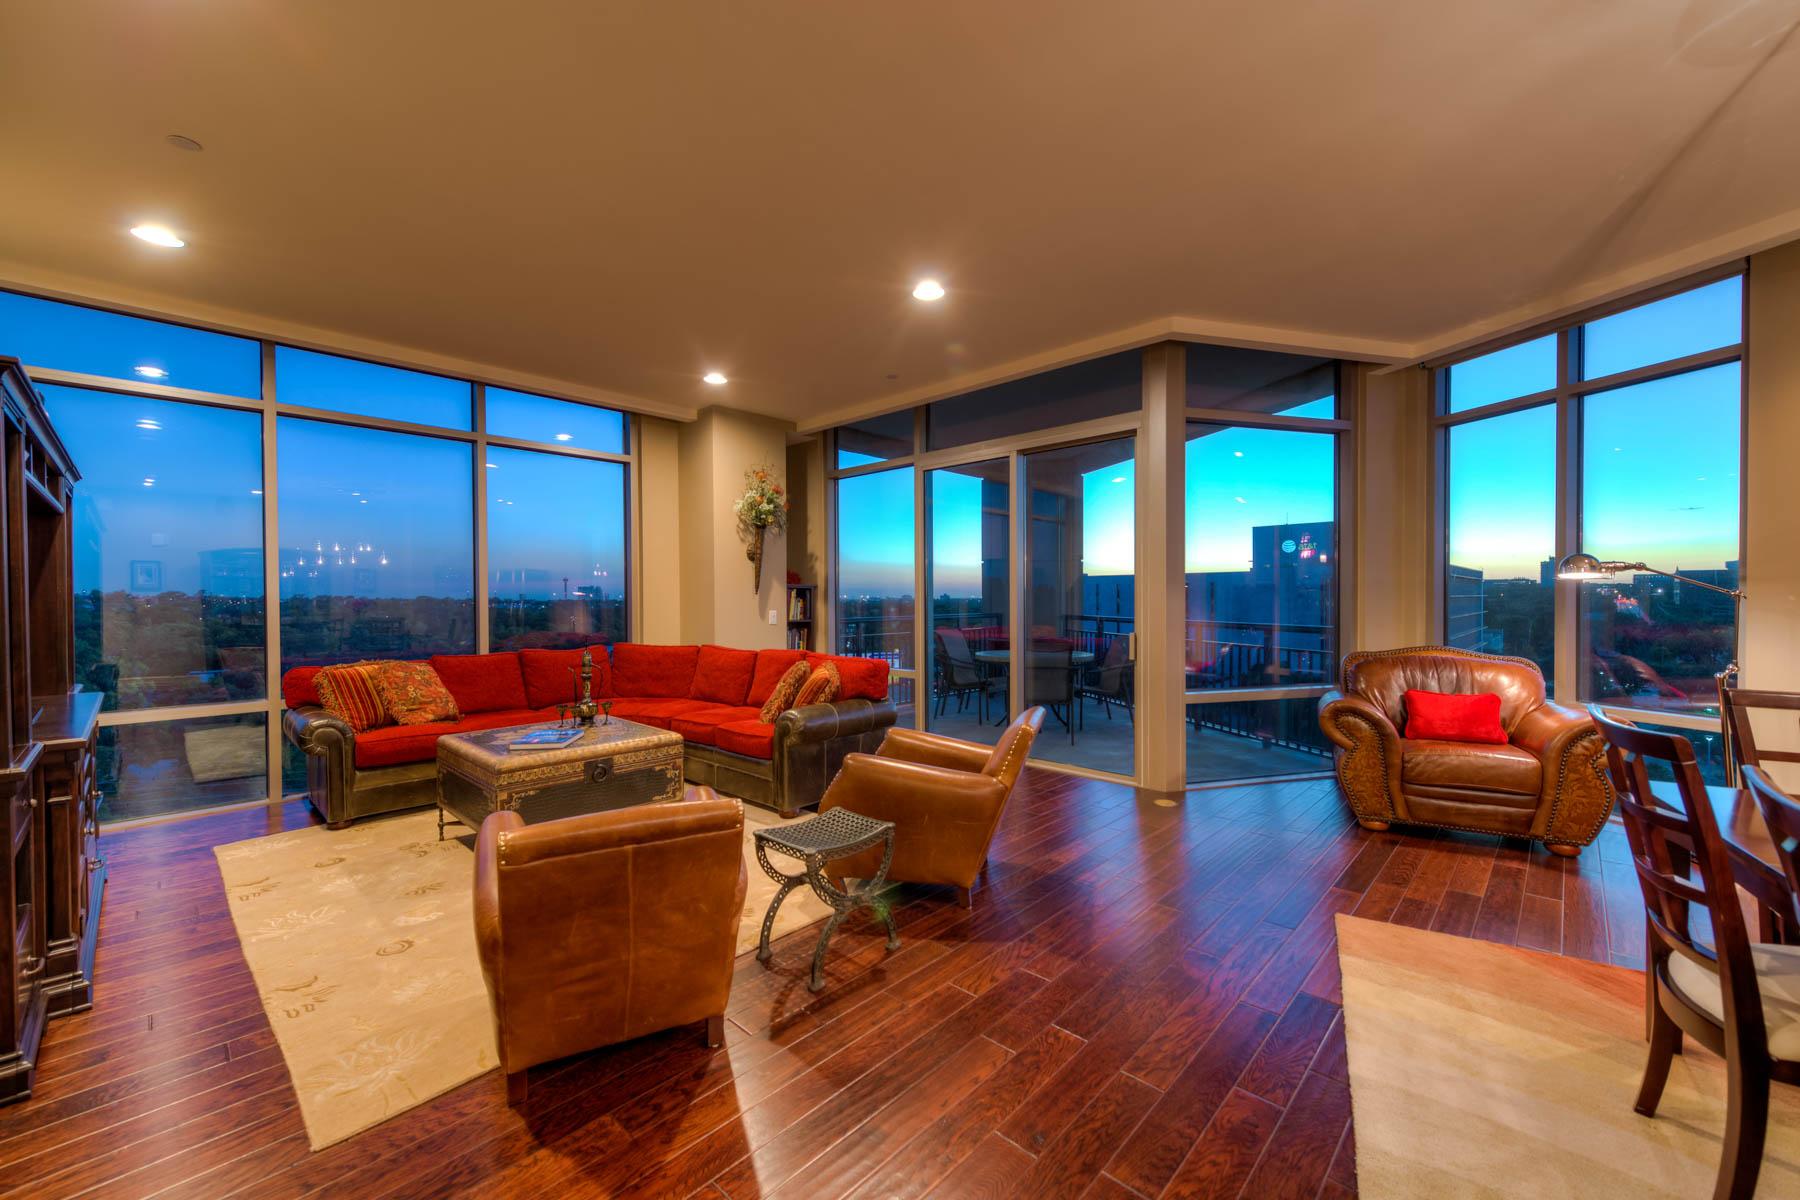 共管式独立产权公寓 为 销售 在 Live in Luxury at The Broadway 4242 Broadway St 603 San Antonio, 得克萨斯州 78209 美国